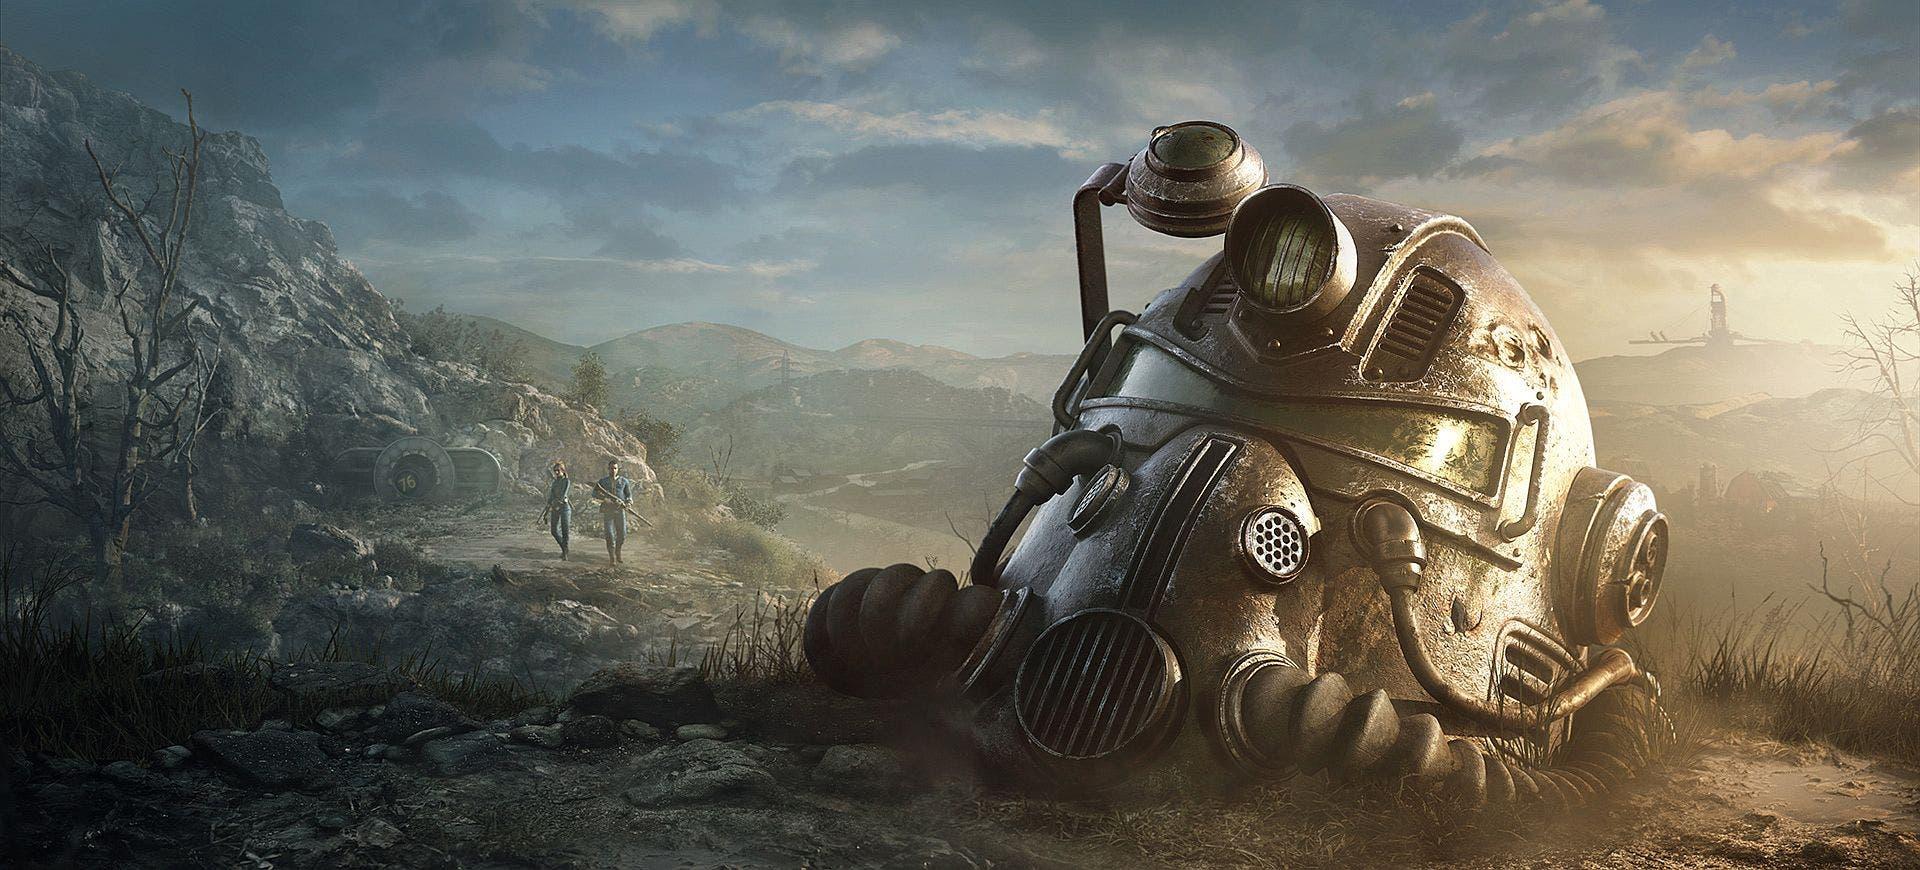 Bethesda anuncia una serie de televisión de Fallout junto a Amazon Prime Video